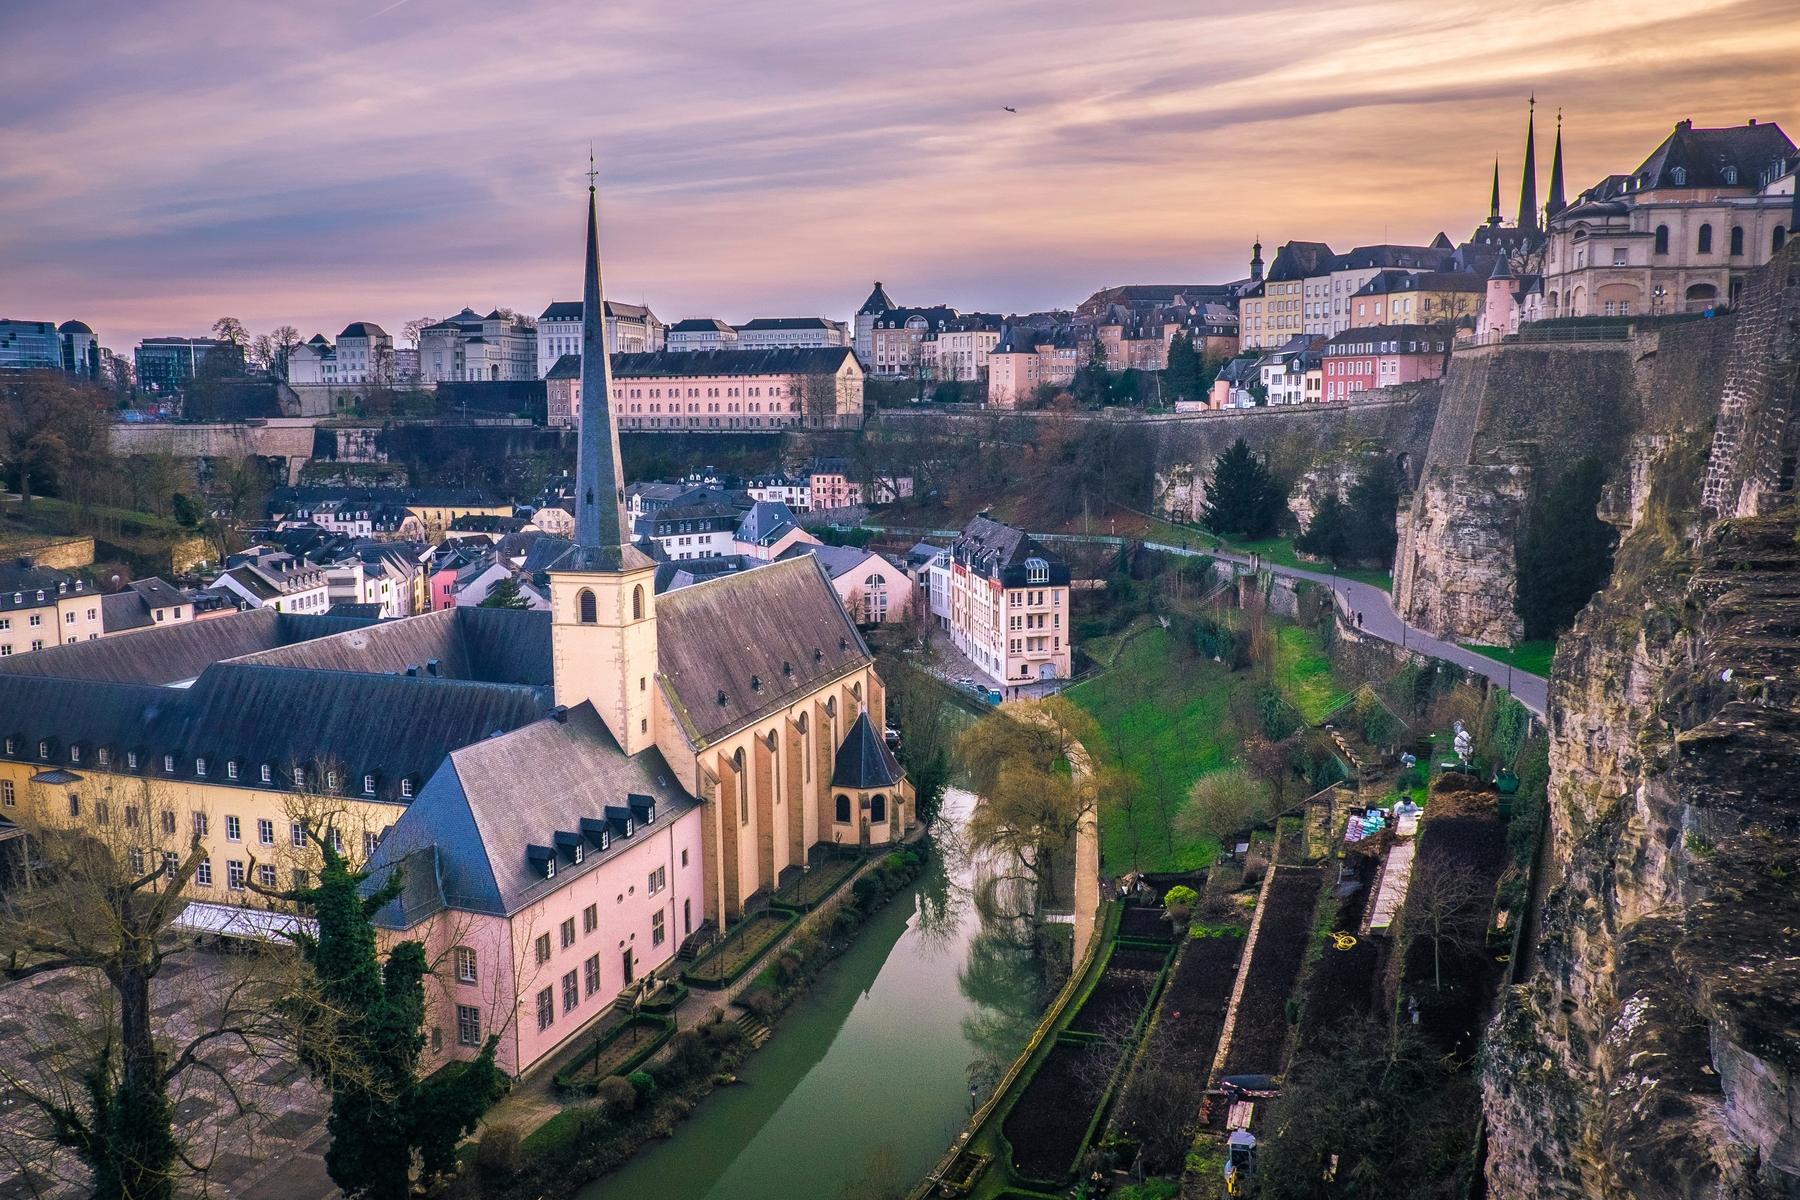 Вид на средневековый центр Люксембурга с высоты